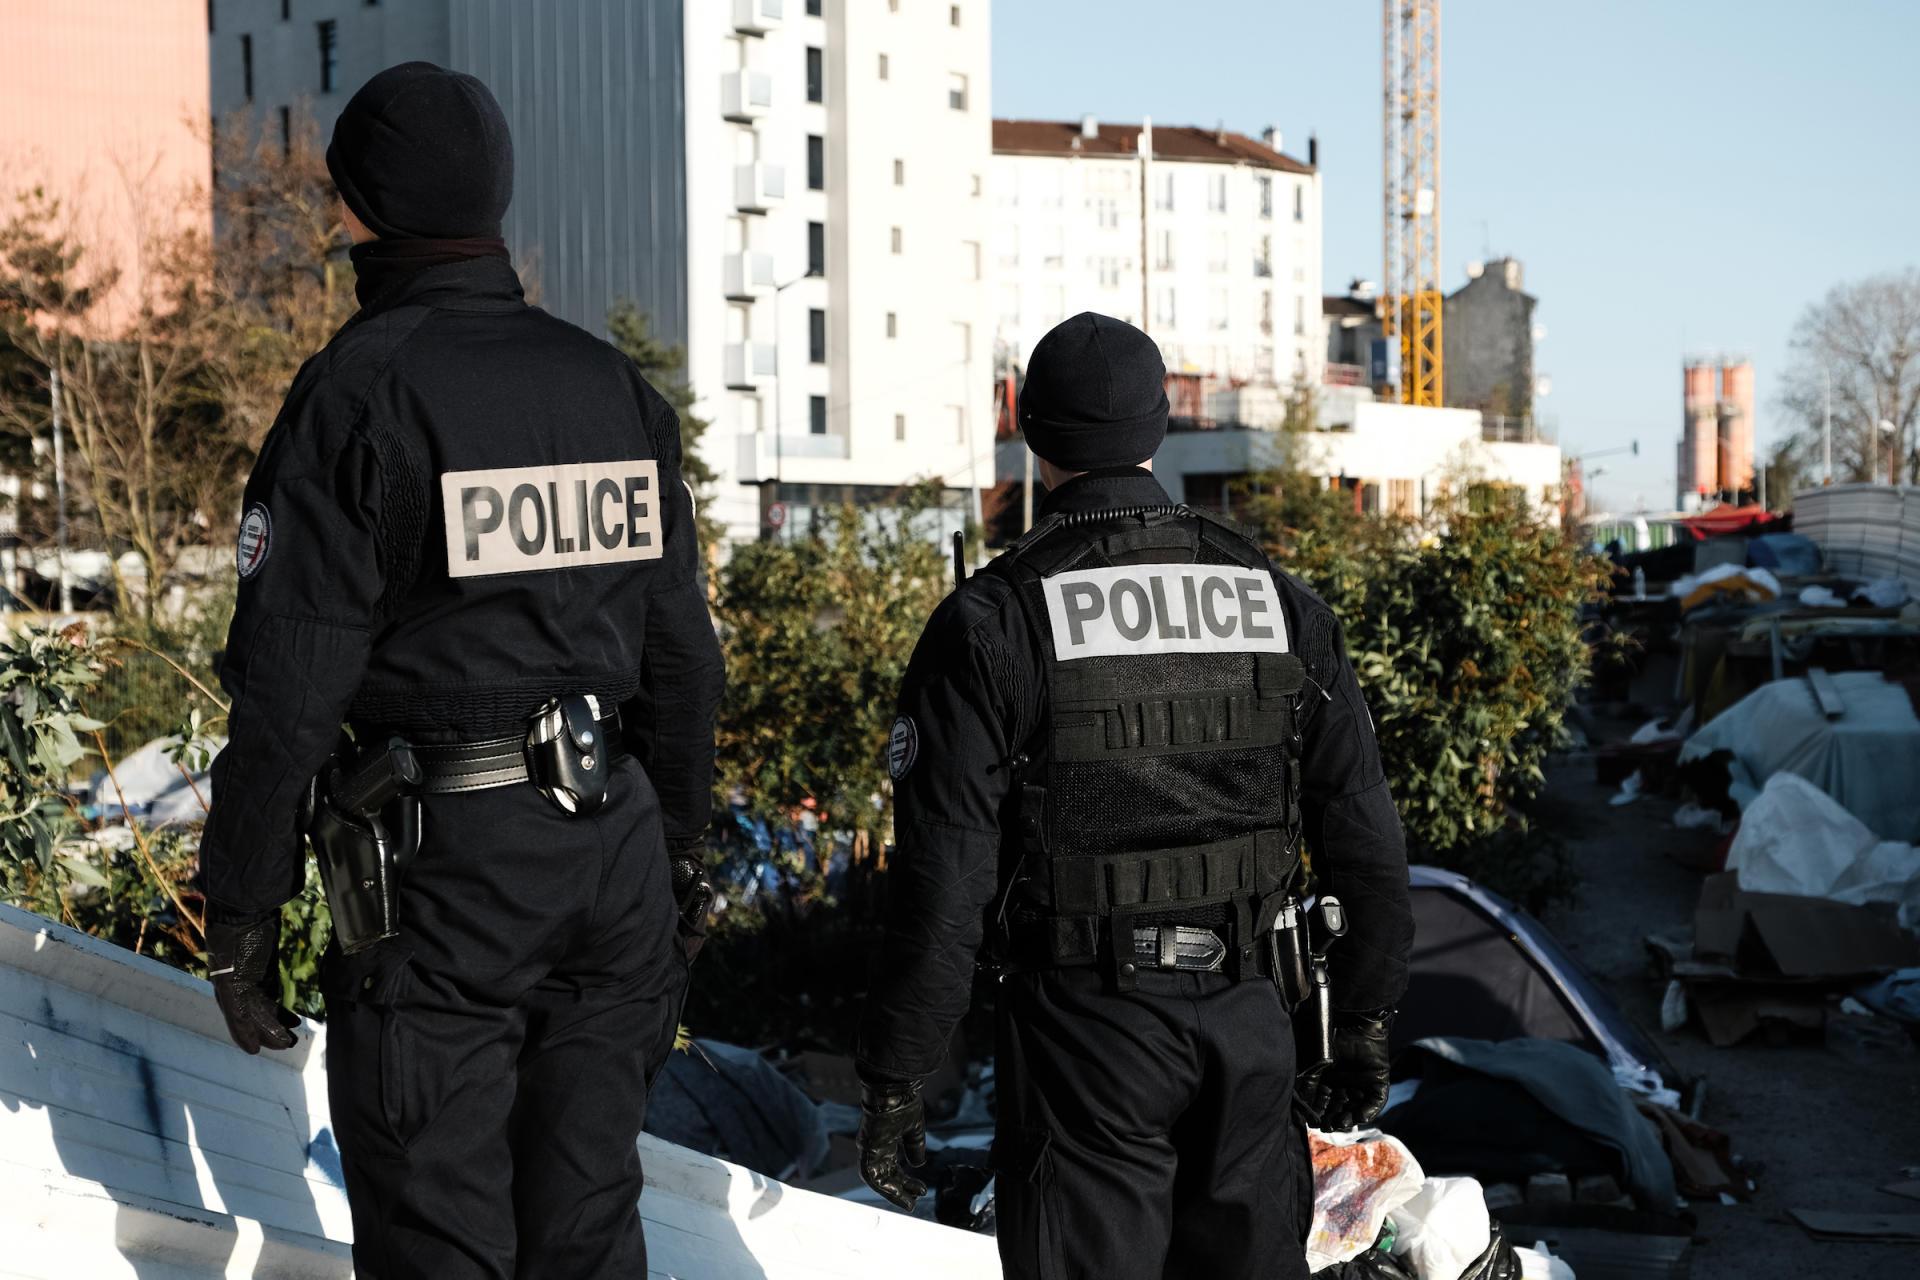 Des policiers accompagnent le déplacement des quelques centaines de migrants qui étaient installés dans le camp de fortune, à Aubervilliers (Seine-Saint-Denis), le 24 mars.